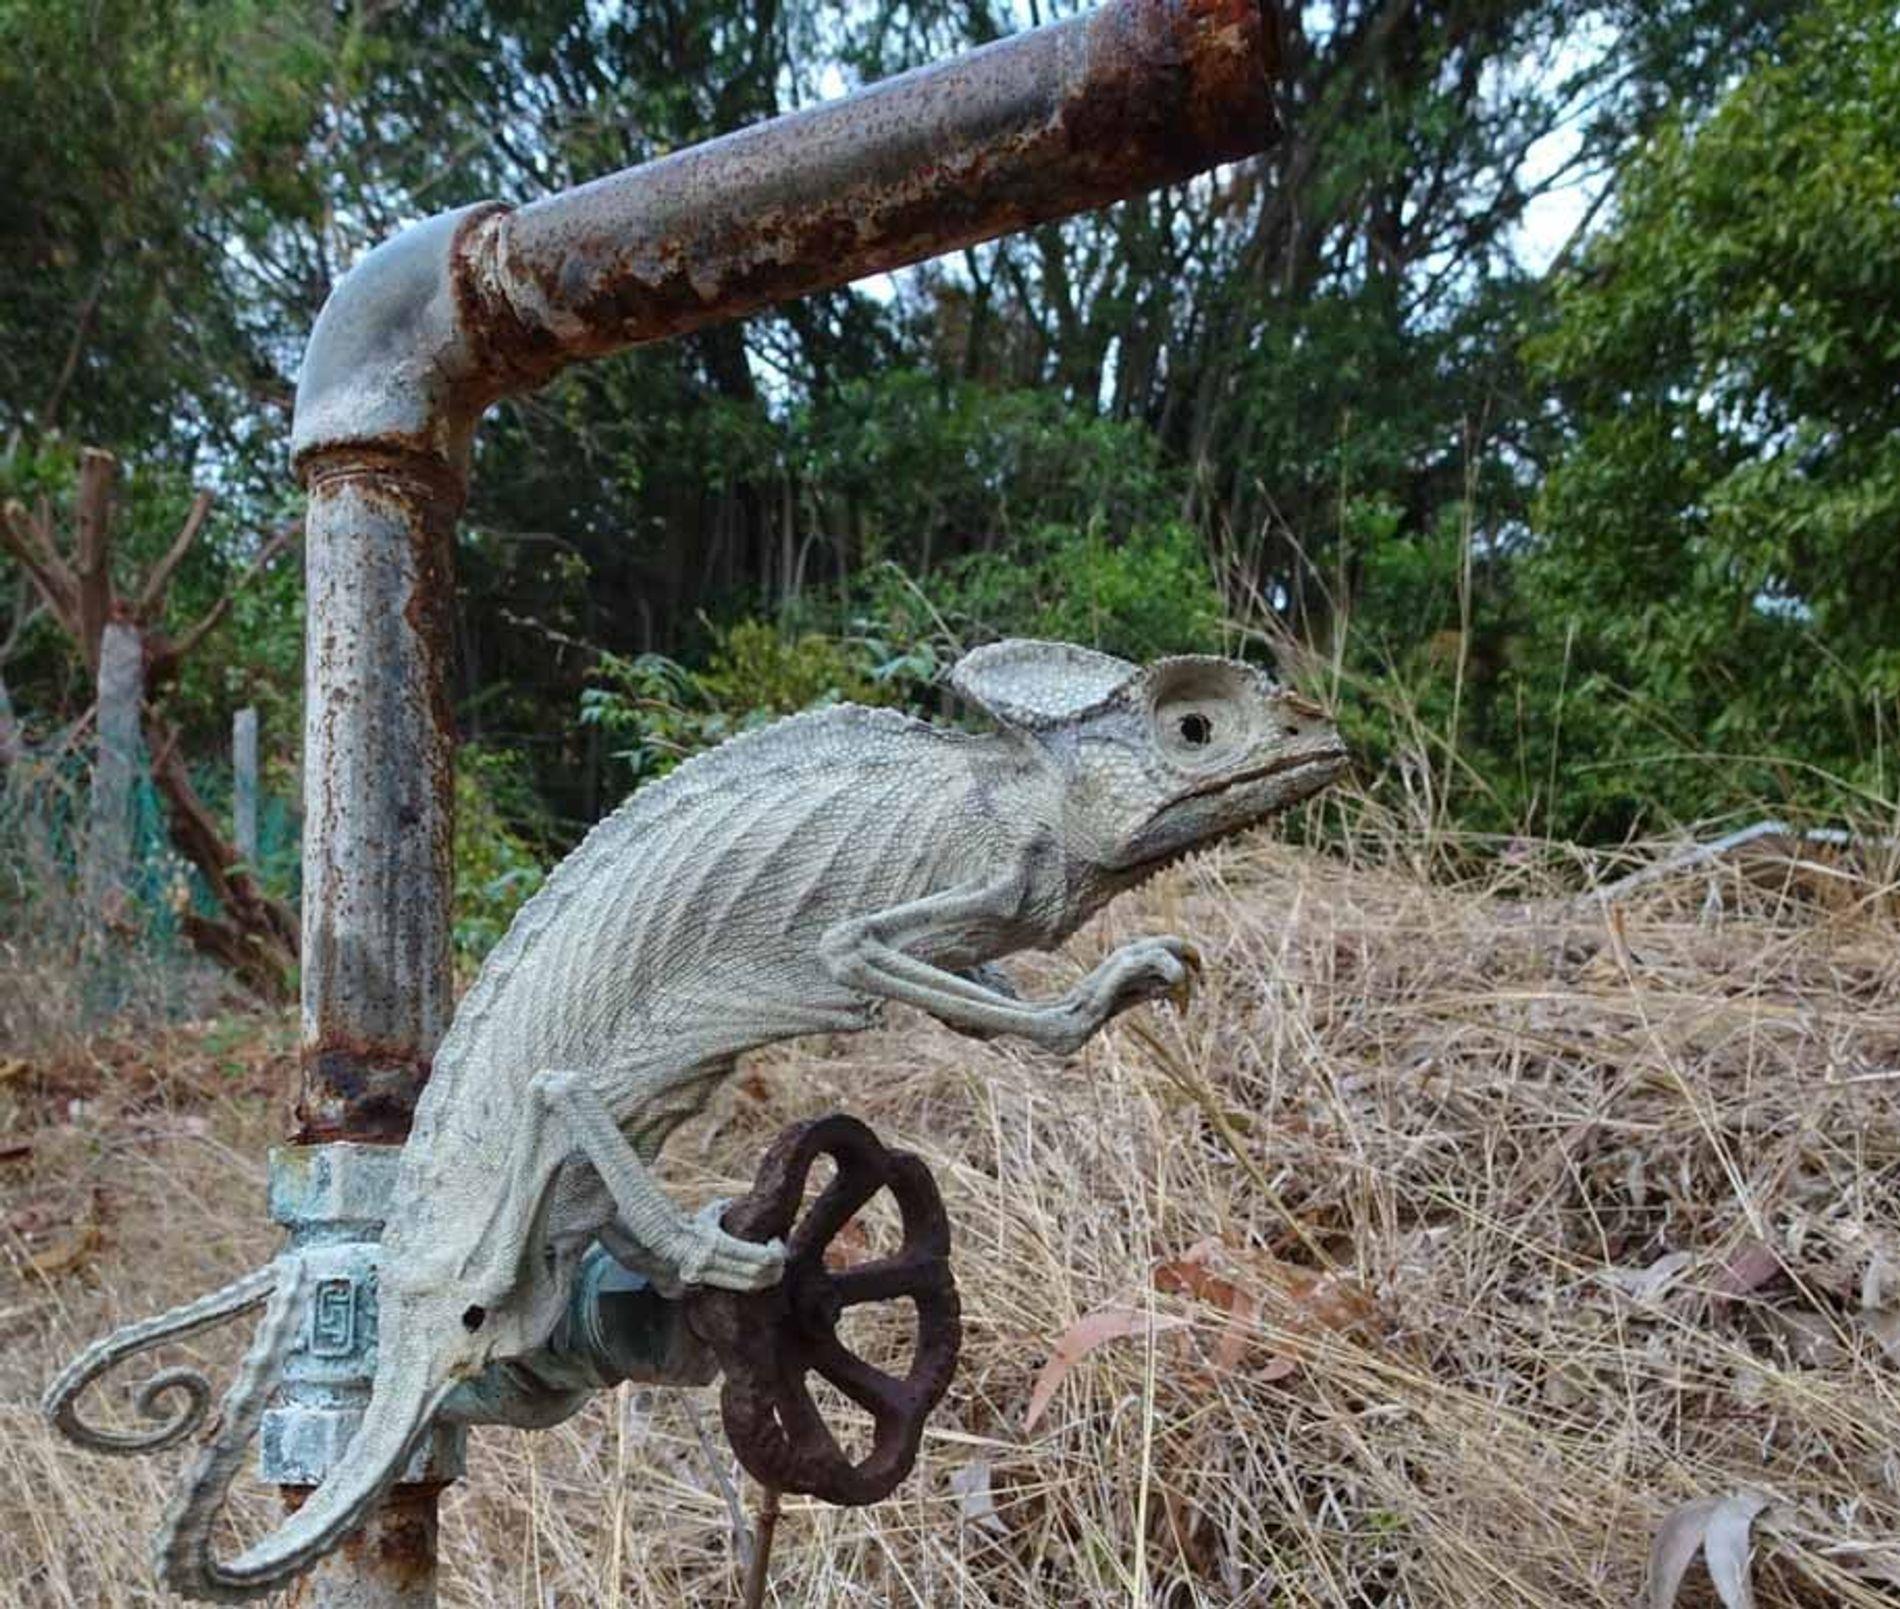 Un caméléon a été retrouvé momifié. Il tentait probablement de s'abreuver à une source tarie.